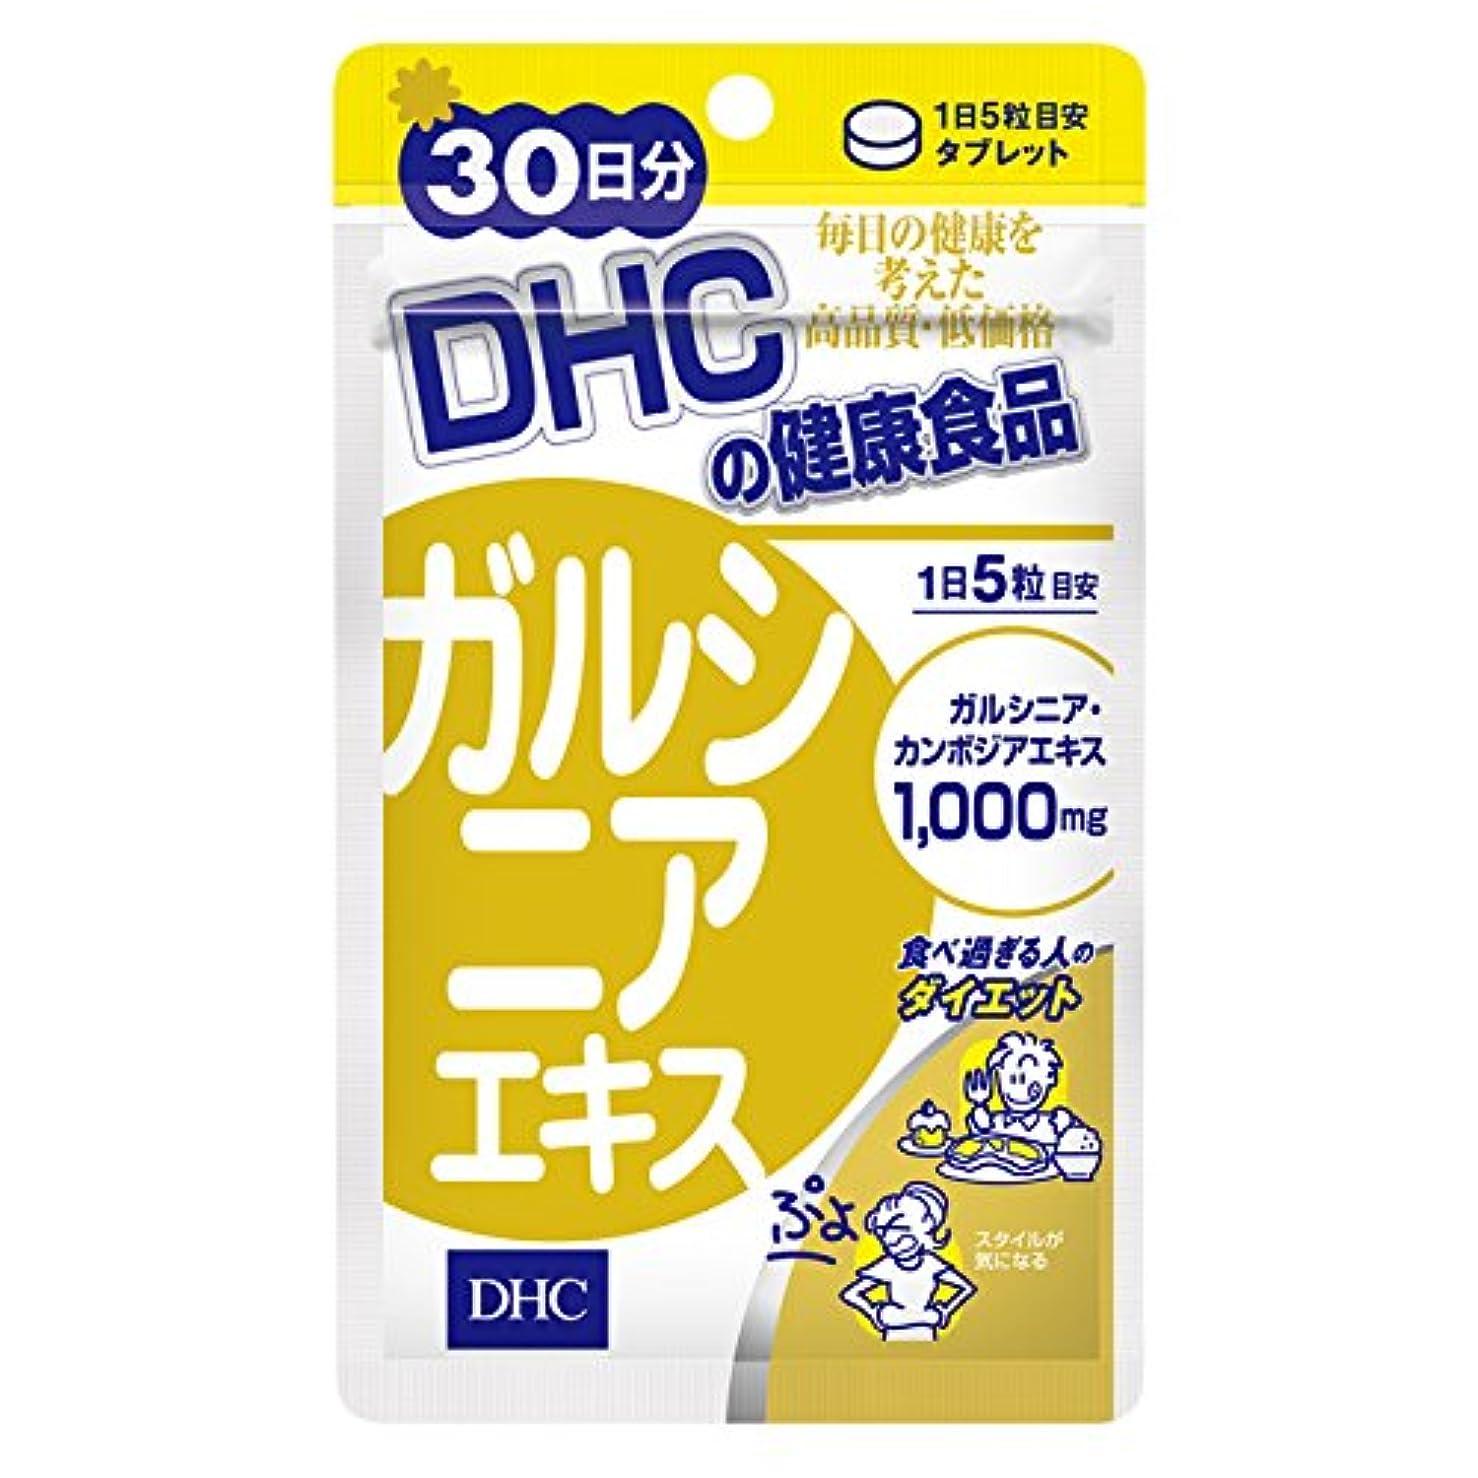 トランザクション肥料刃DHC ガルシニアエキス 30日分